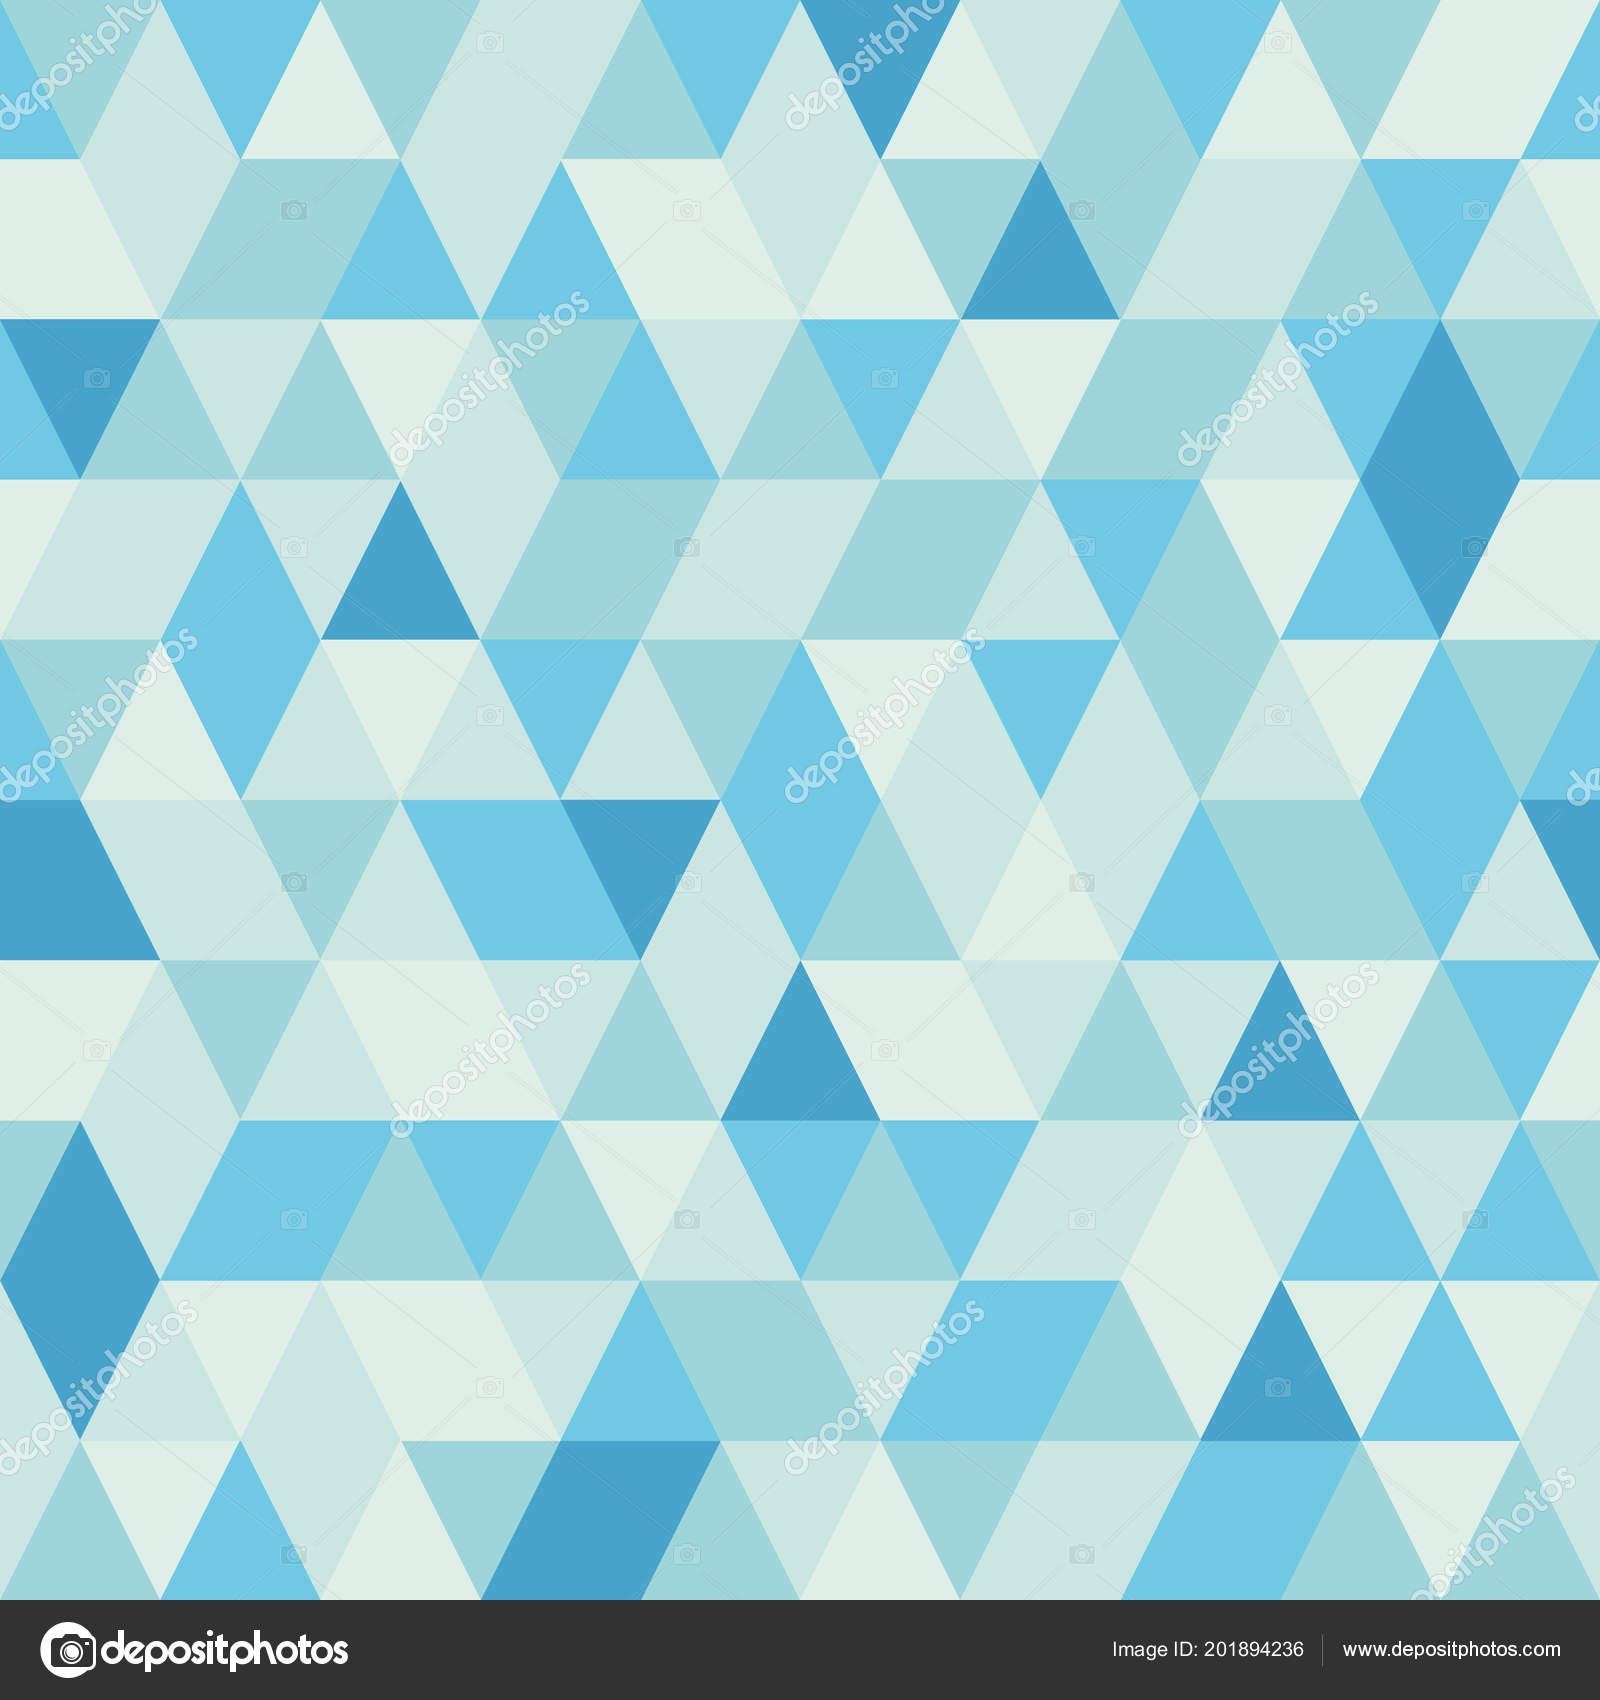 e08d5bf91633e Patrón Triángulos Abstractos Azul Transparente Fondo Retro Formas  Geométricas Telón — Vector de stock